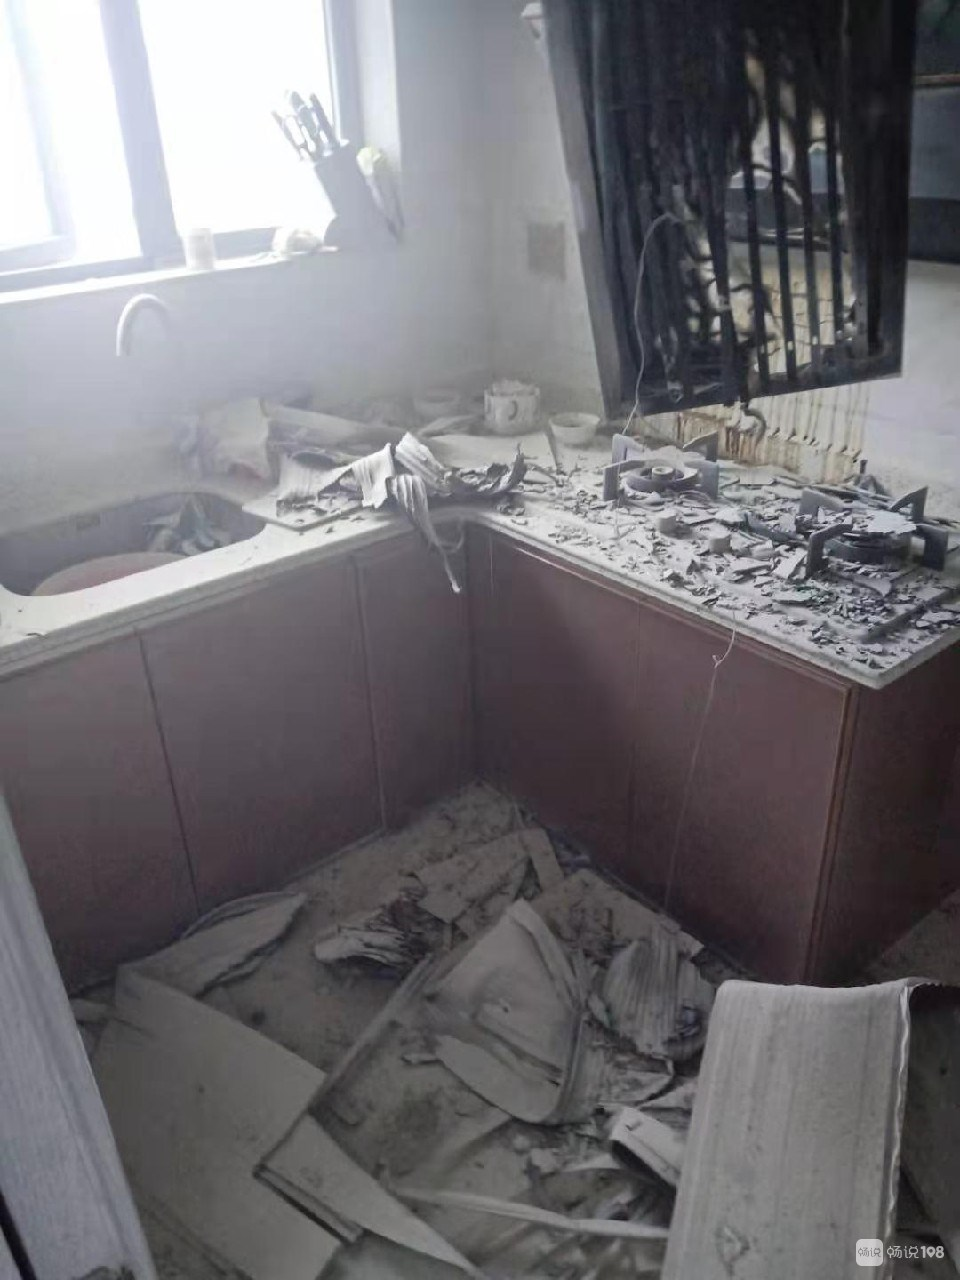 嵊州这小区出事了!整个厨房烧的黑漆漆,3辆消防车紧急赶到